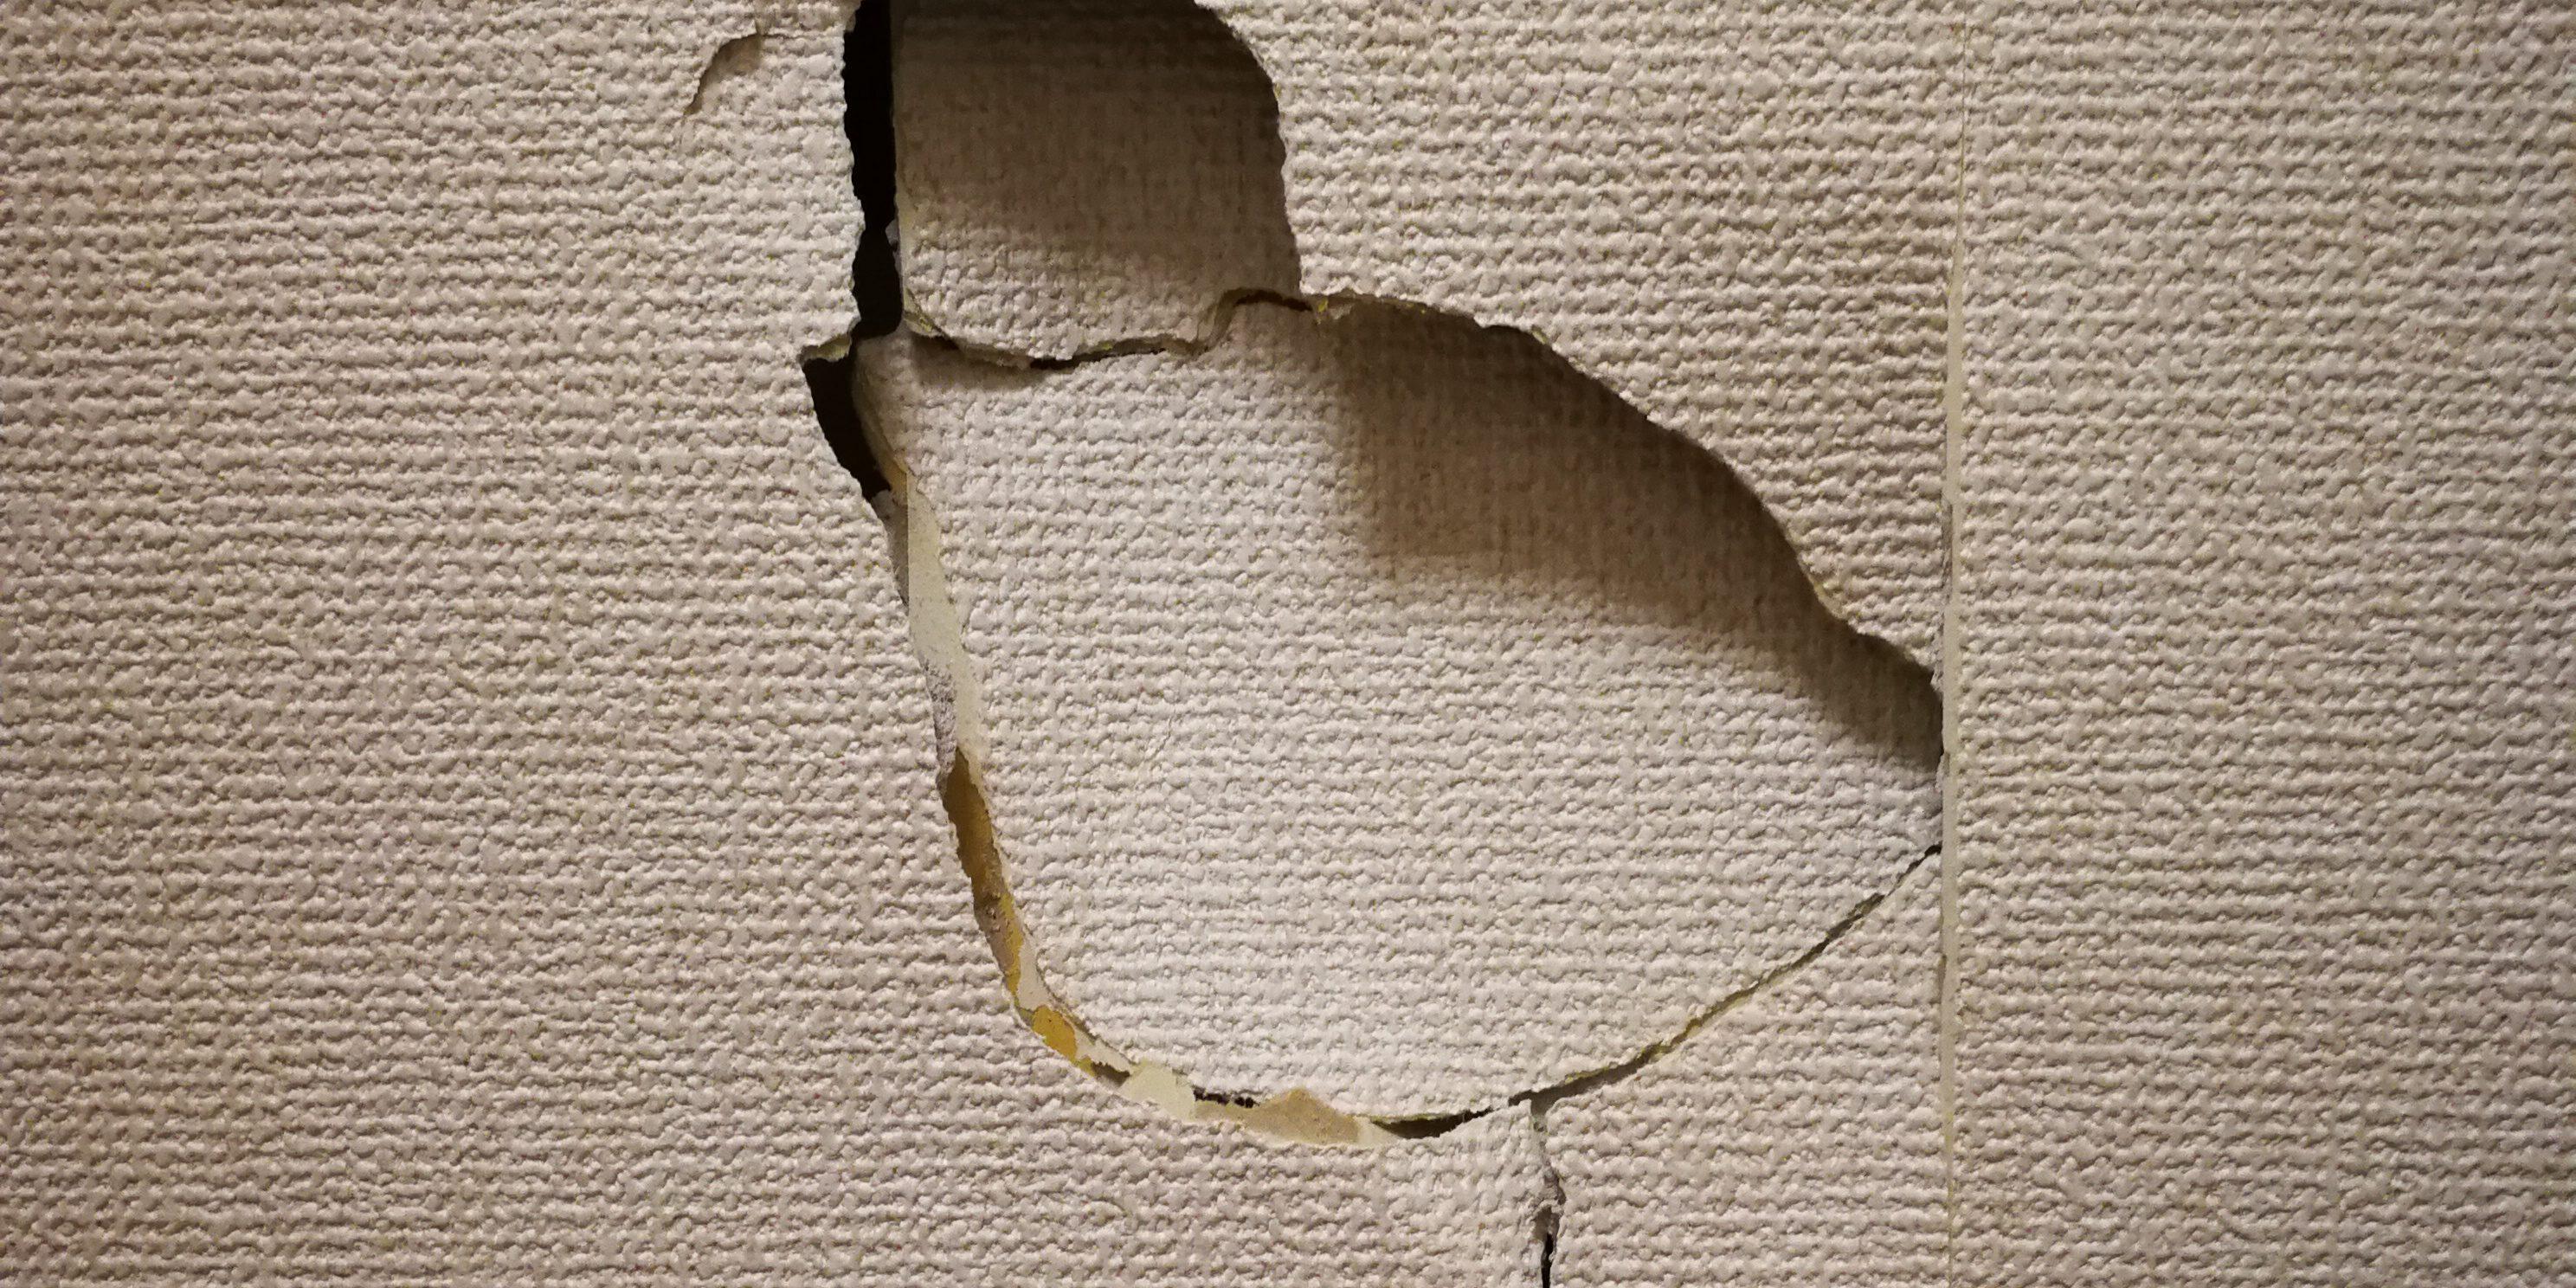 の 補修 壁 穴 壁の穴を自分で修理。100均グッズ活用、200円で直せました。